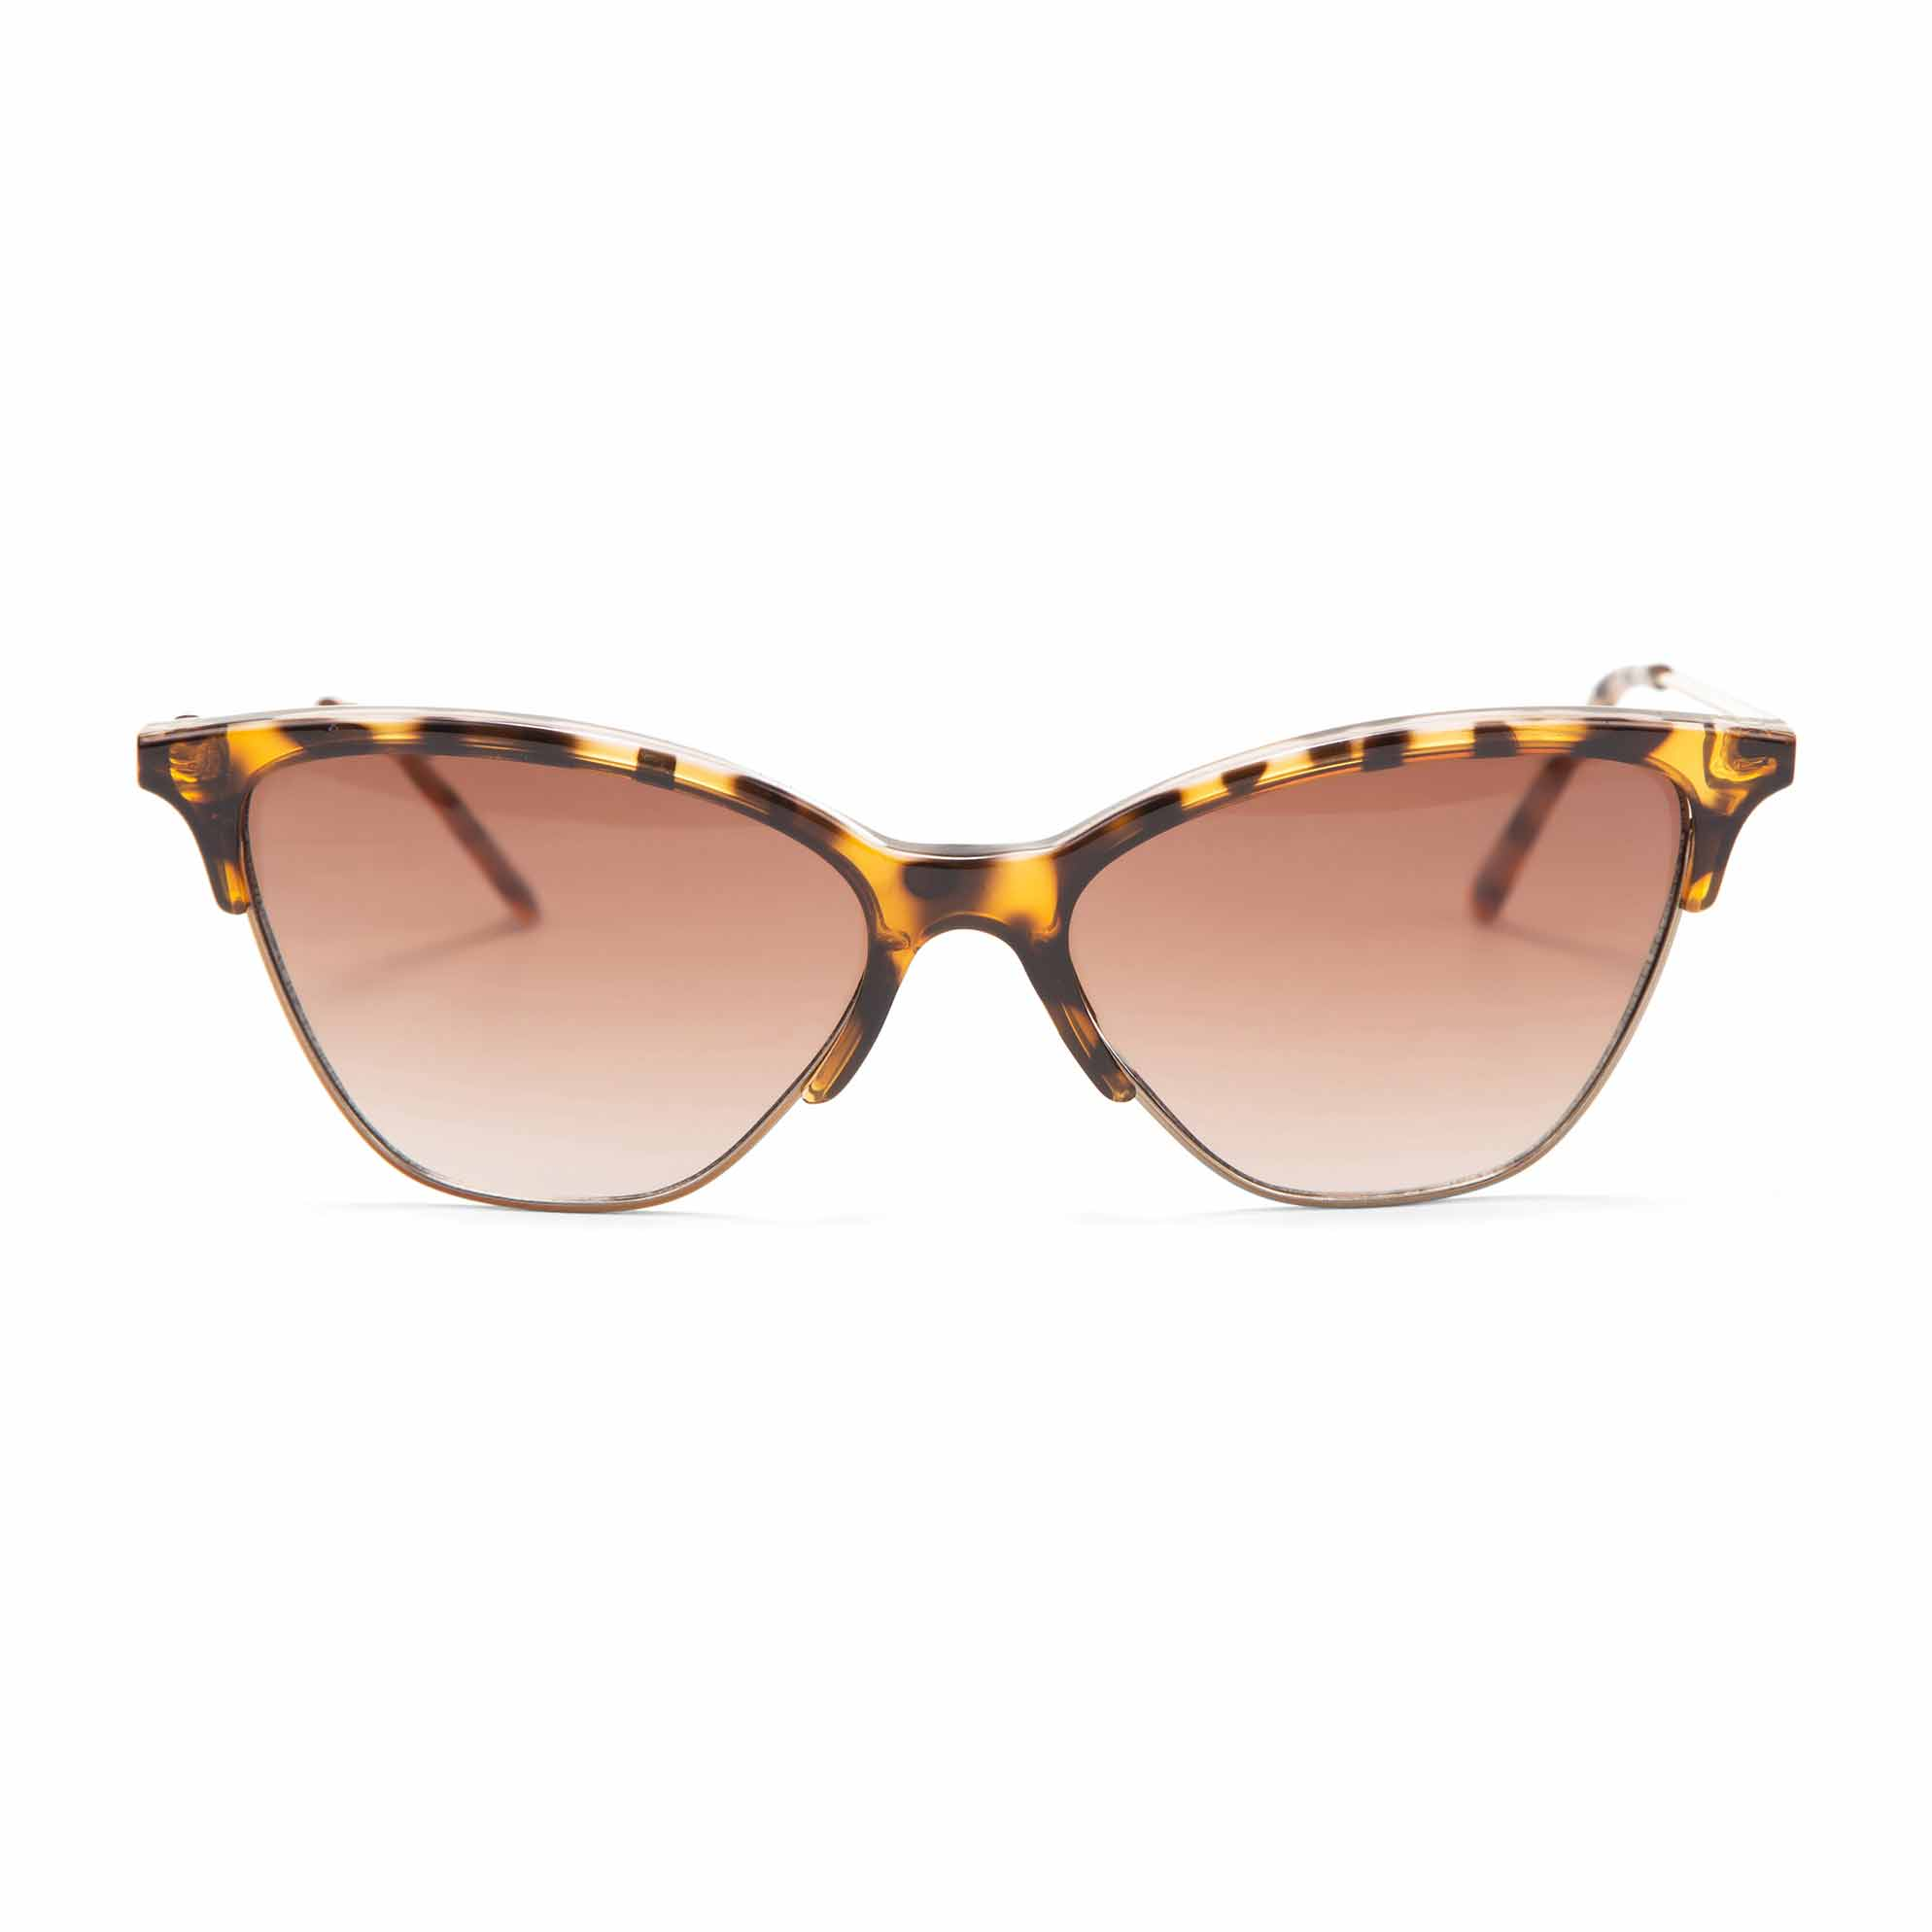 Oculos Gatinho Slim Detalhe Tartaruga Marrom - morenarosa b75d2d71f0